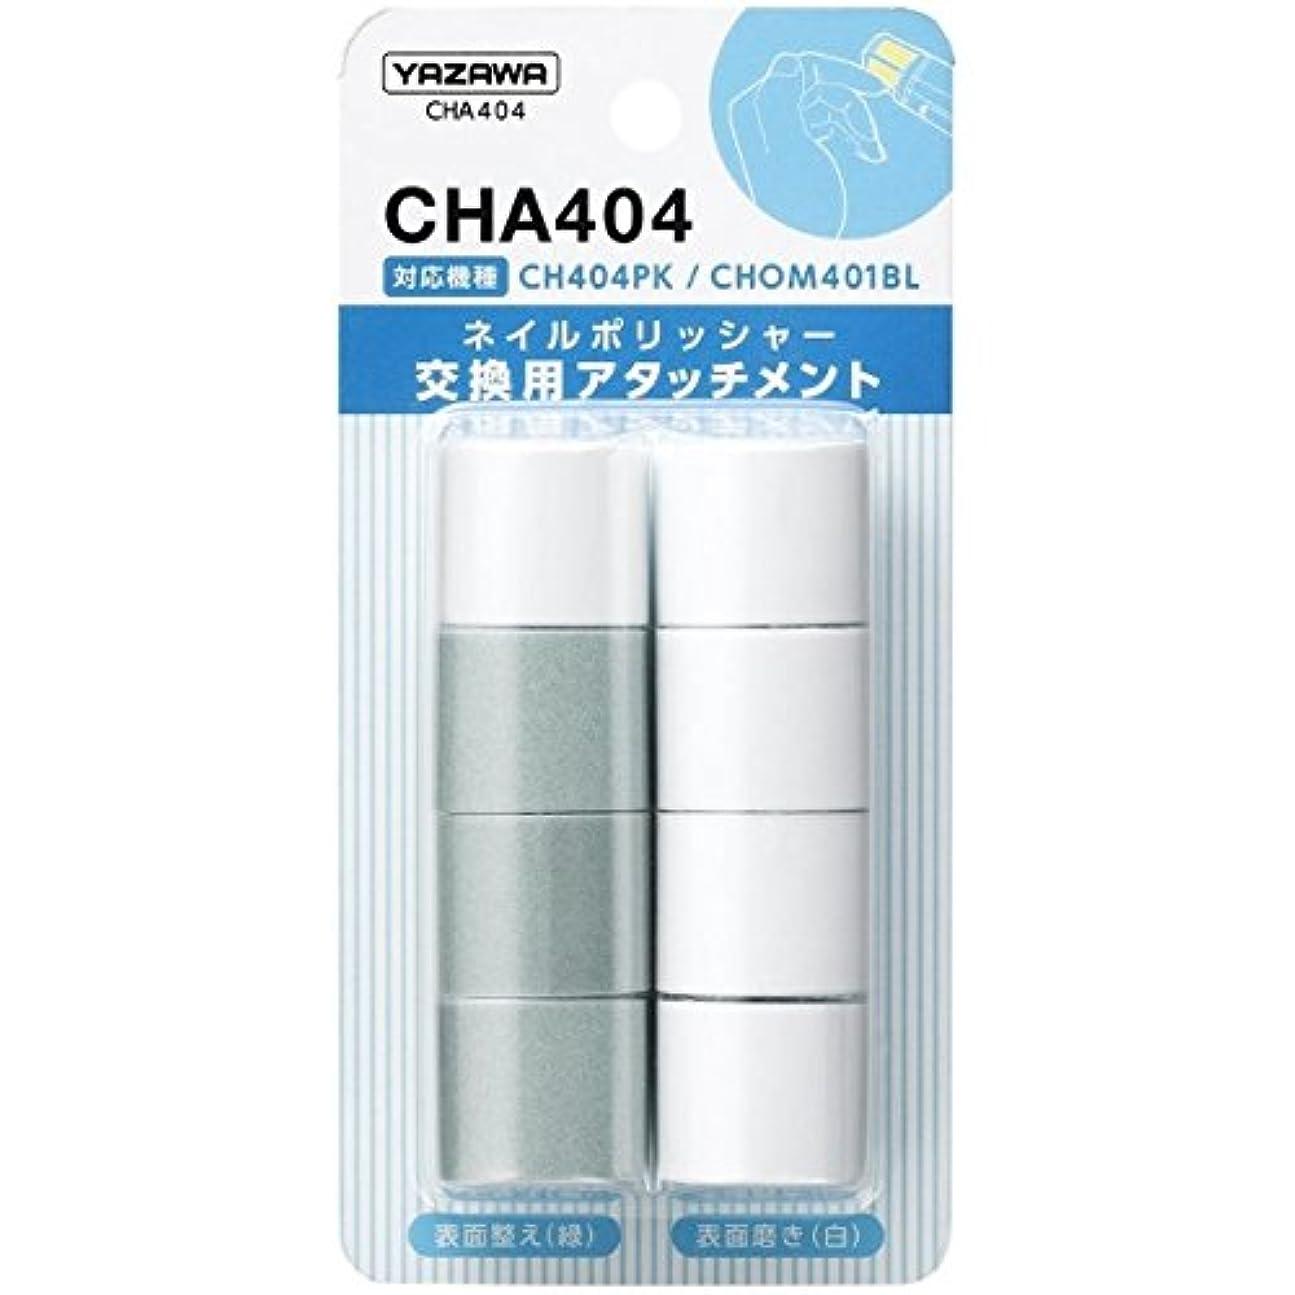 妨げるの量馬力YAZAWA(ヤザワコーポレーション) ネイルポリッシャー交換用アタッチメント CHA404